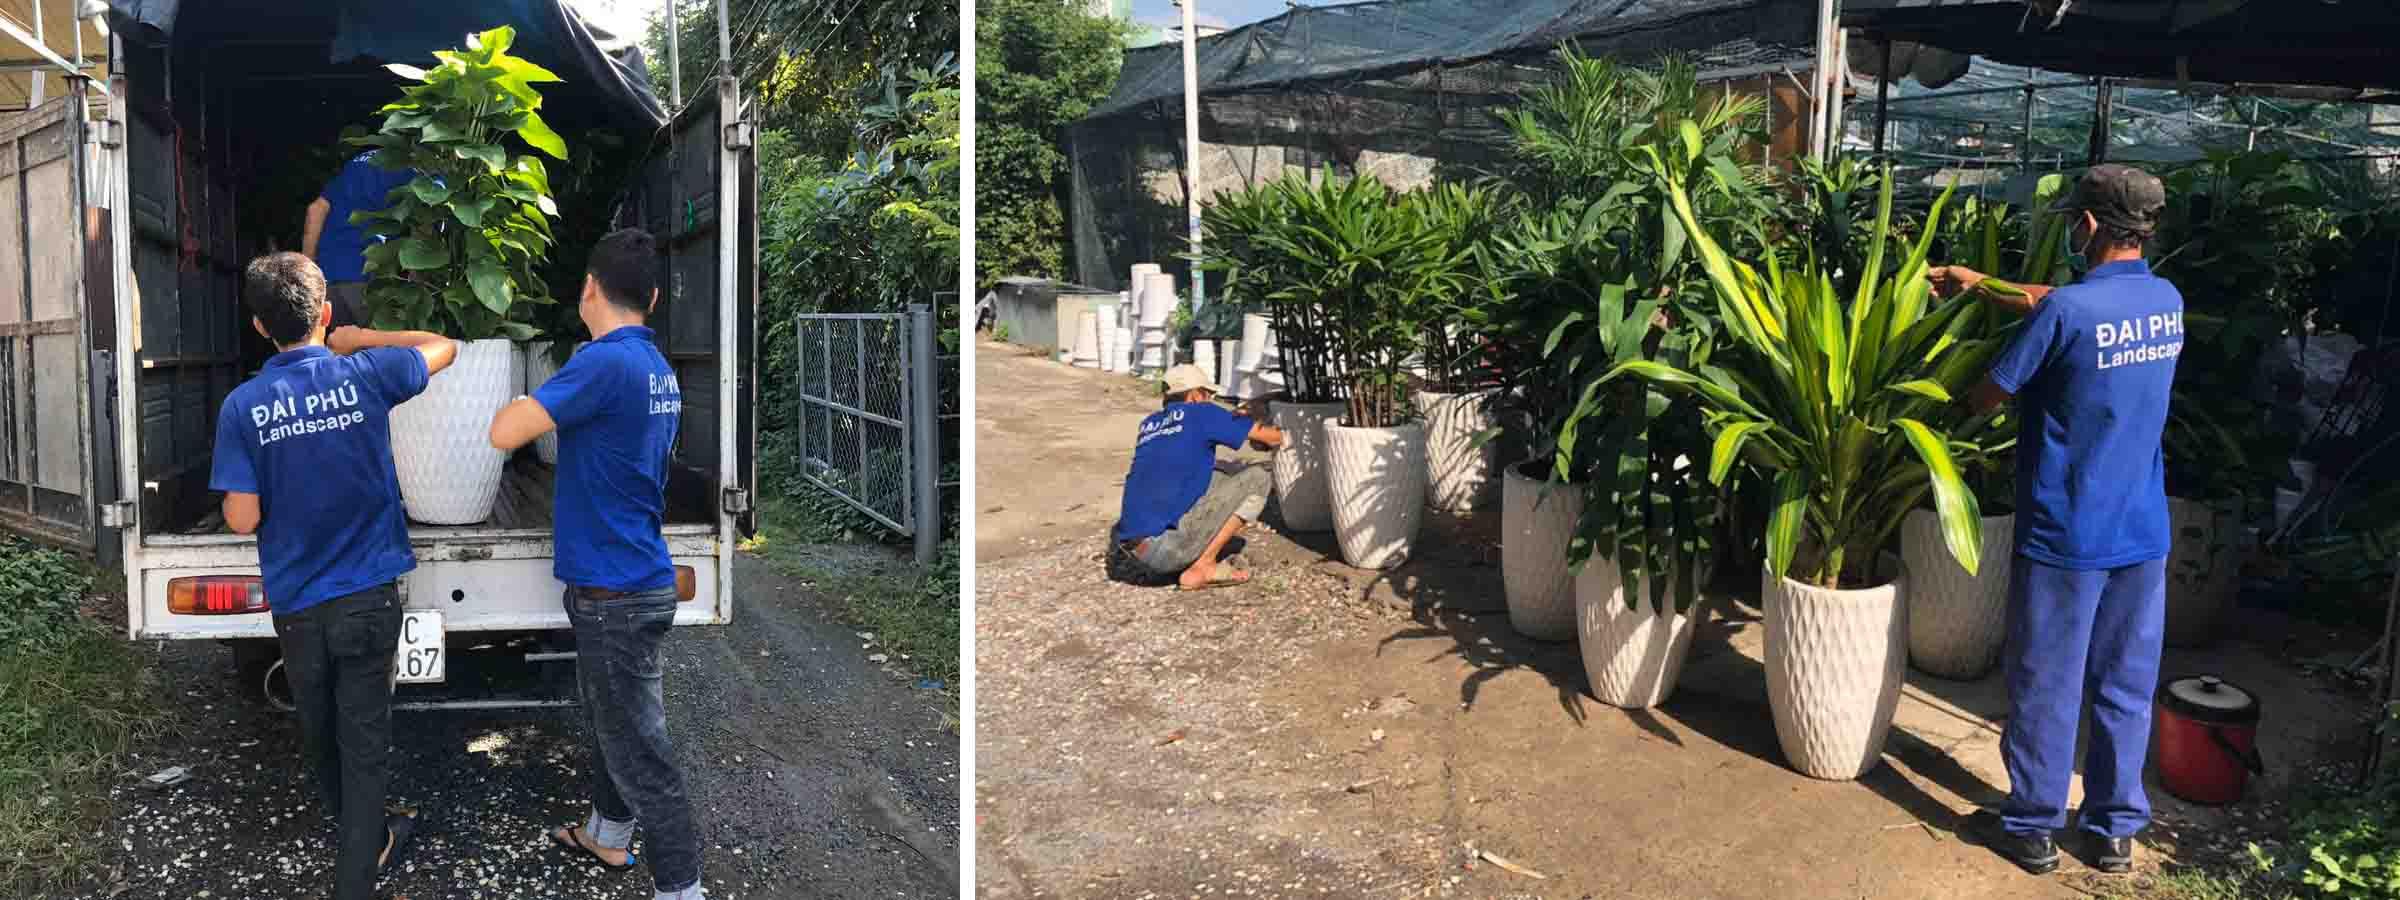 Vận chuyển cho thuê cây xanh Đại Phú